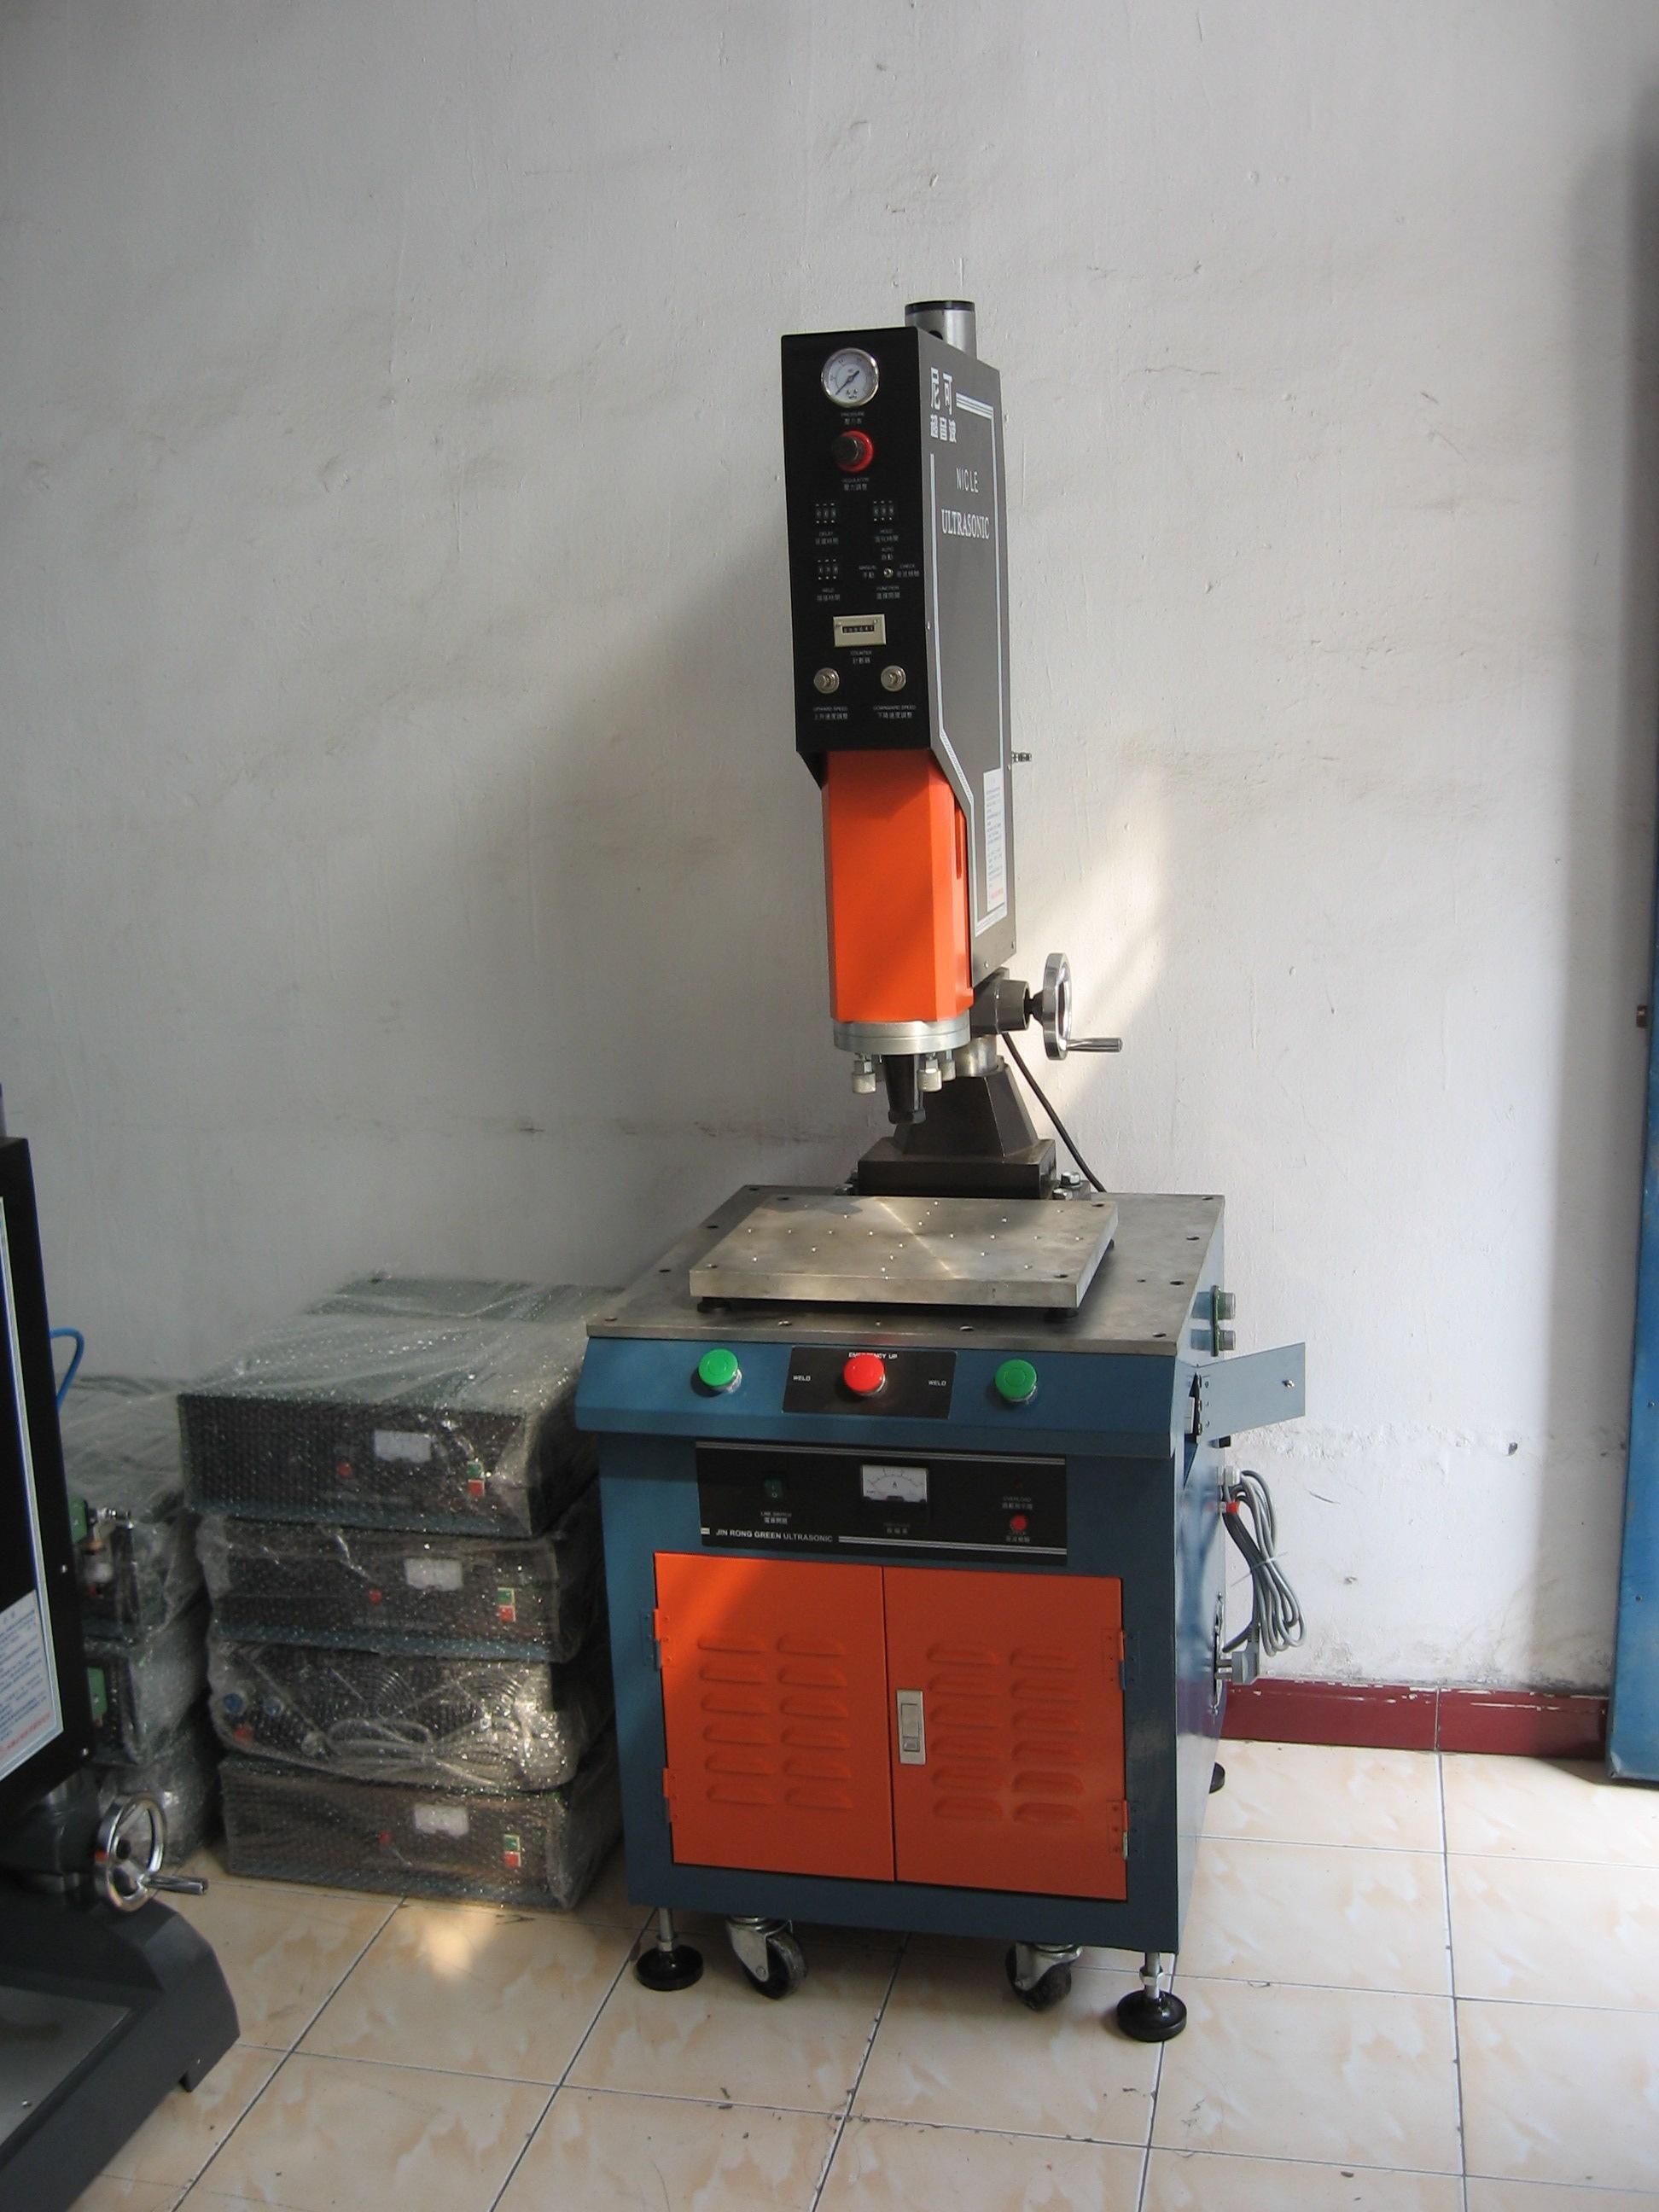 超声波塑料焊接机 - [其他